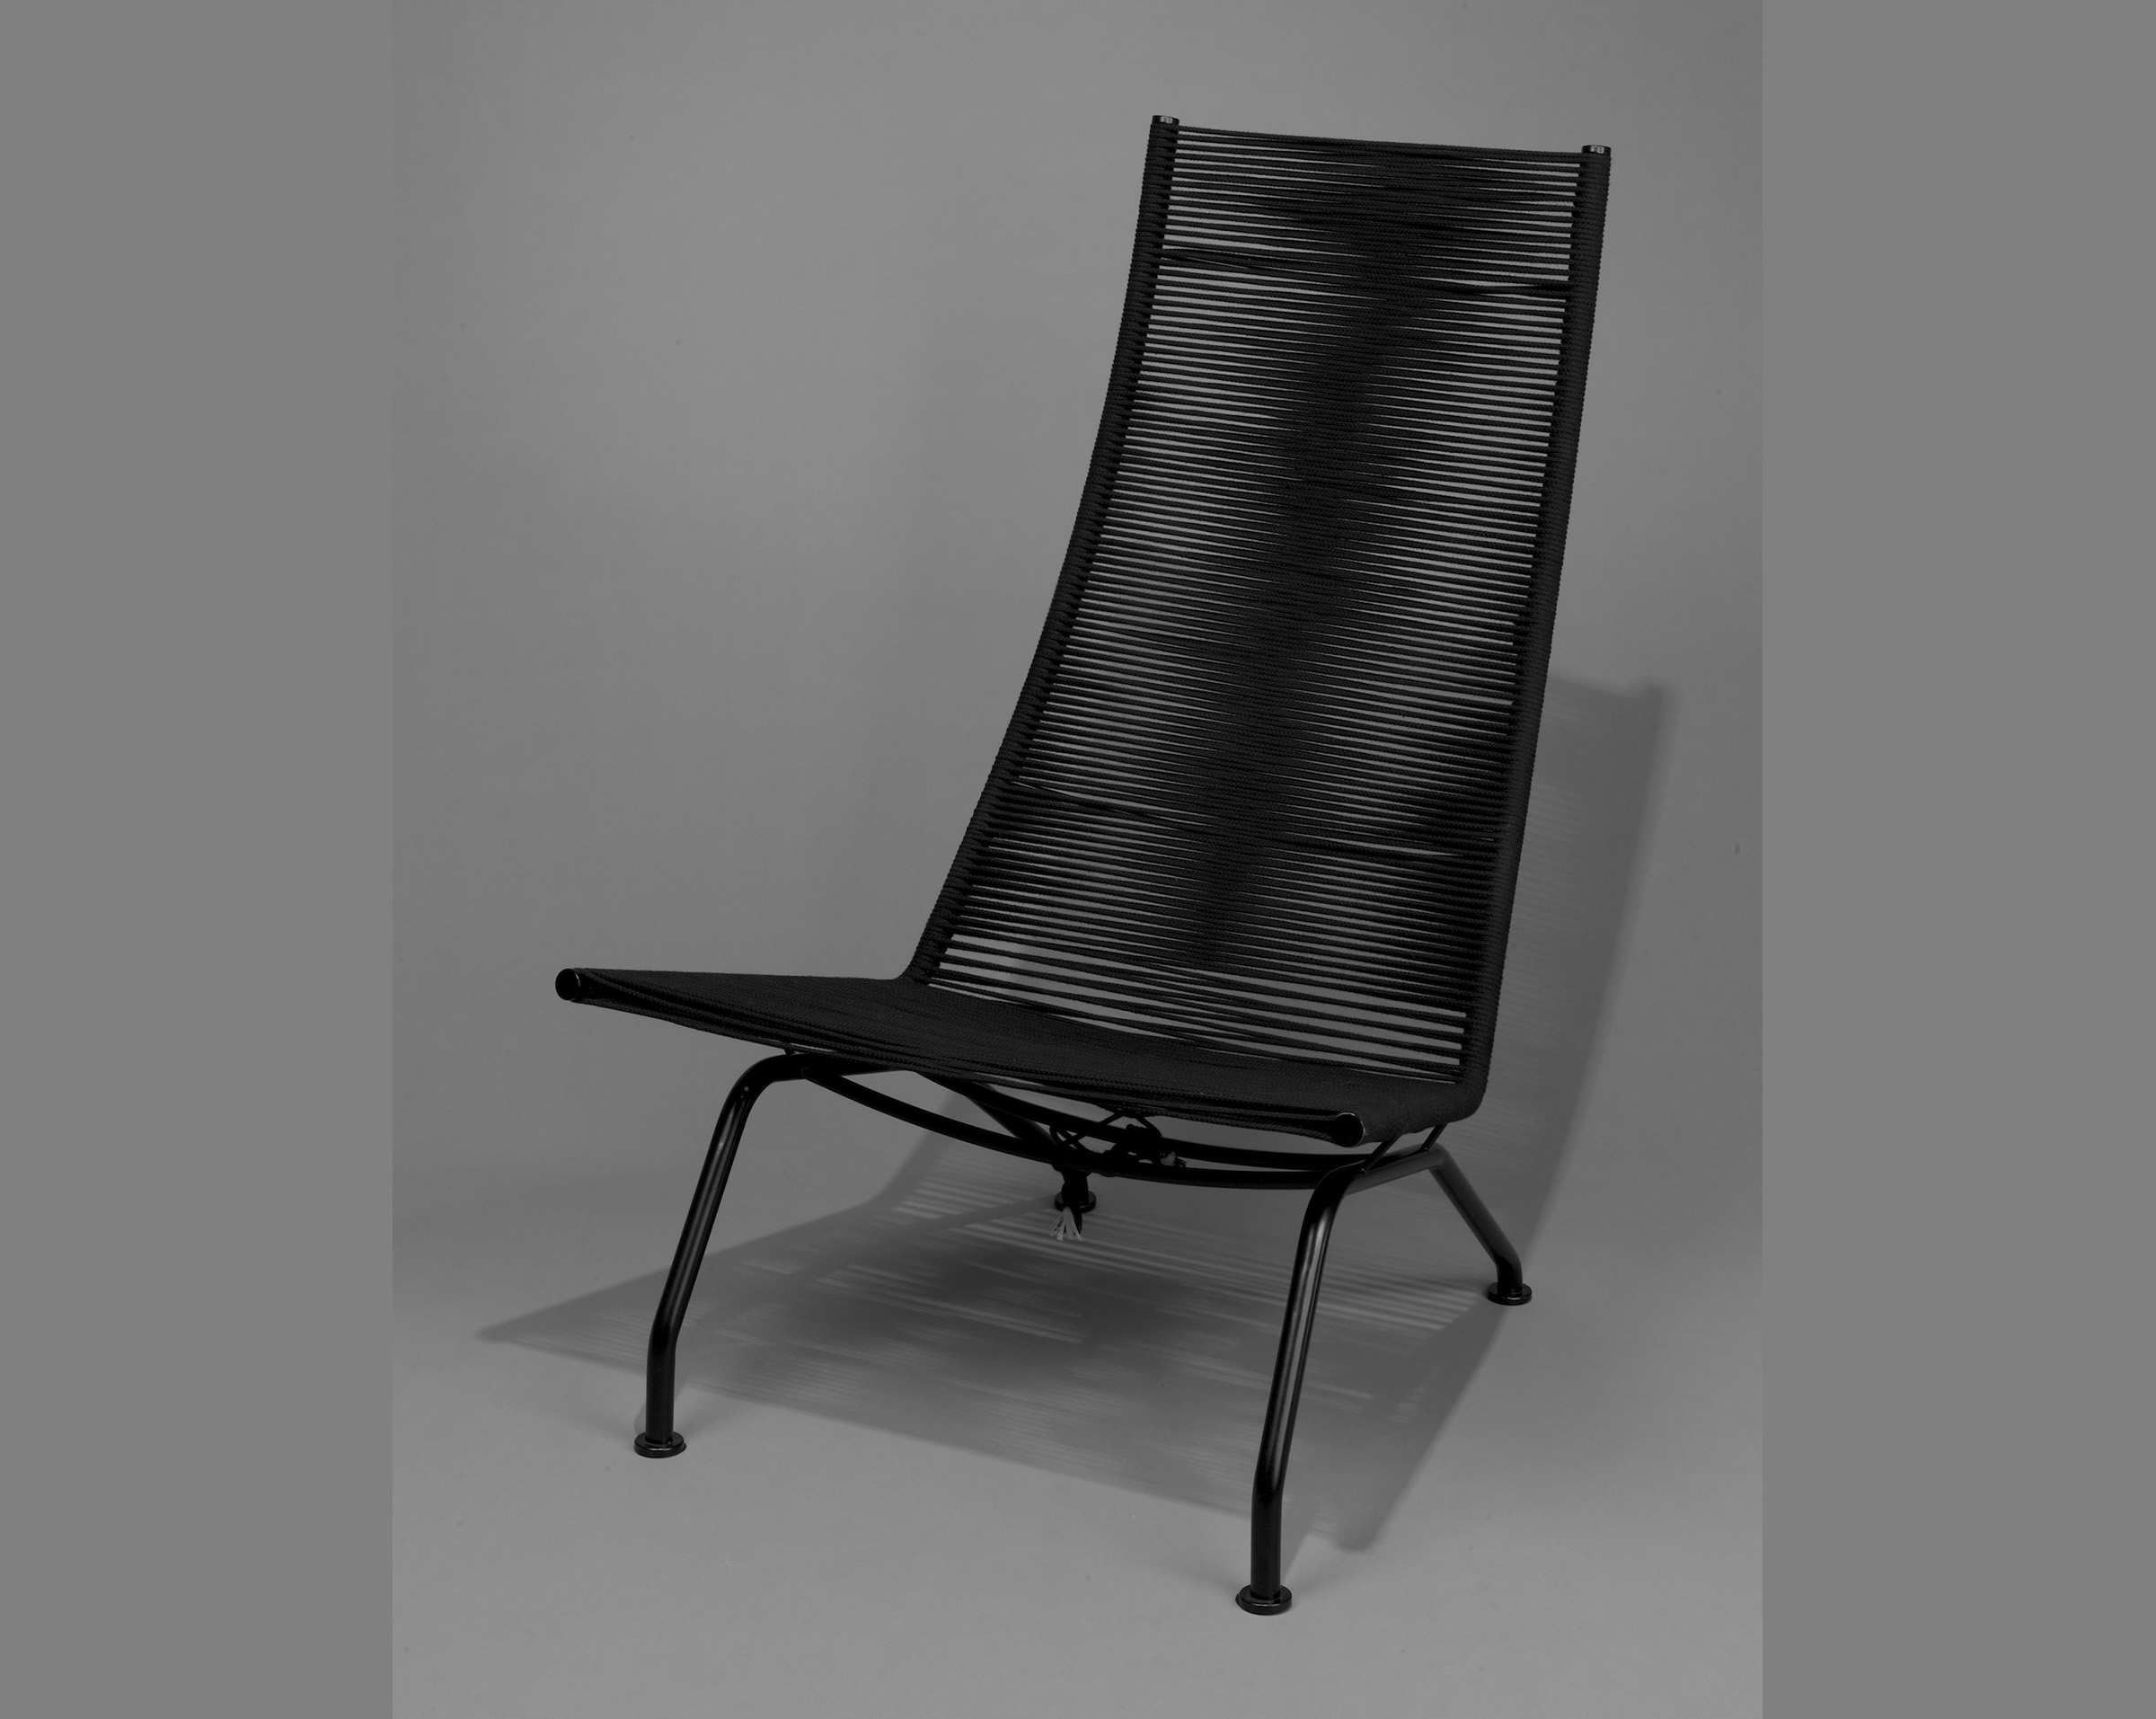 chair16-1@2x.jpg